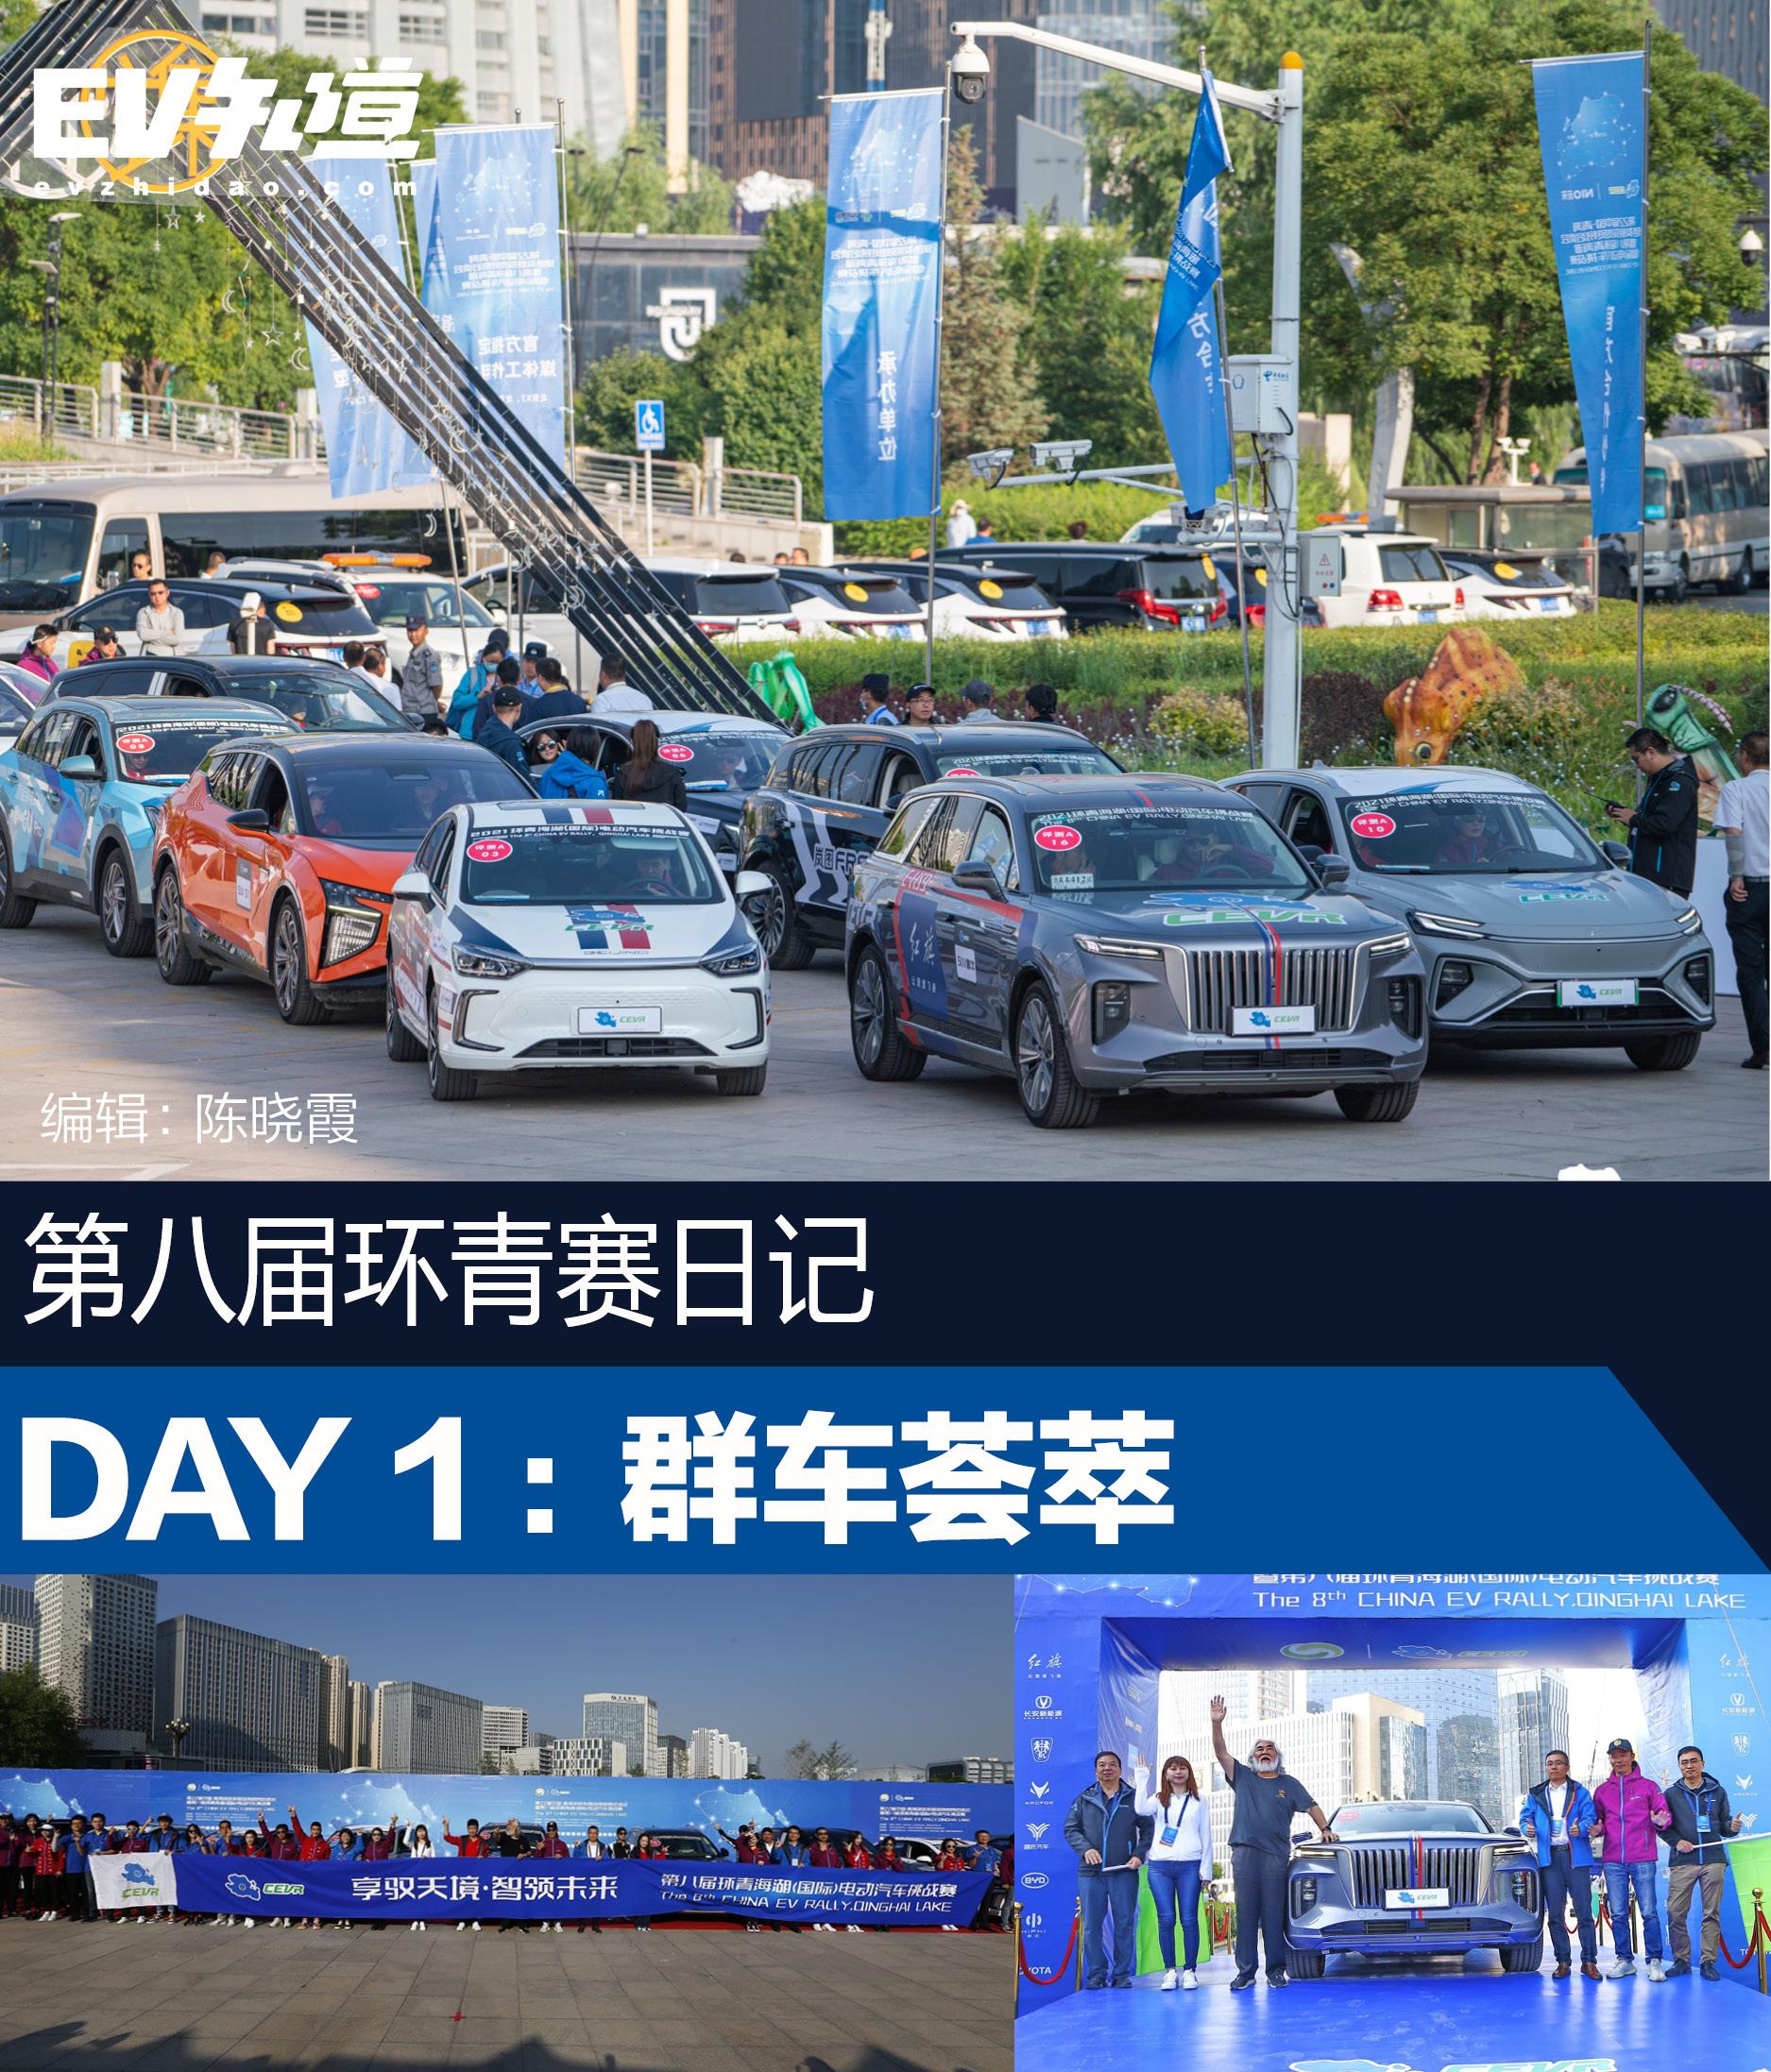 第八届环青赛日记DAY1:群车荟萃